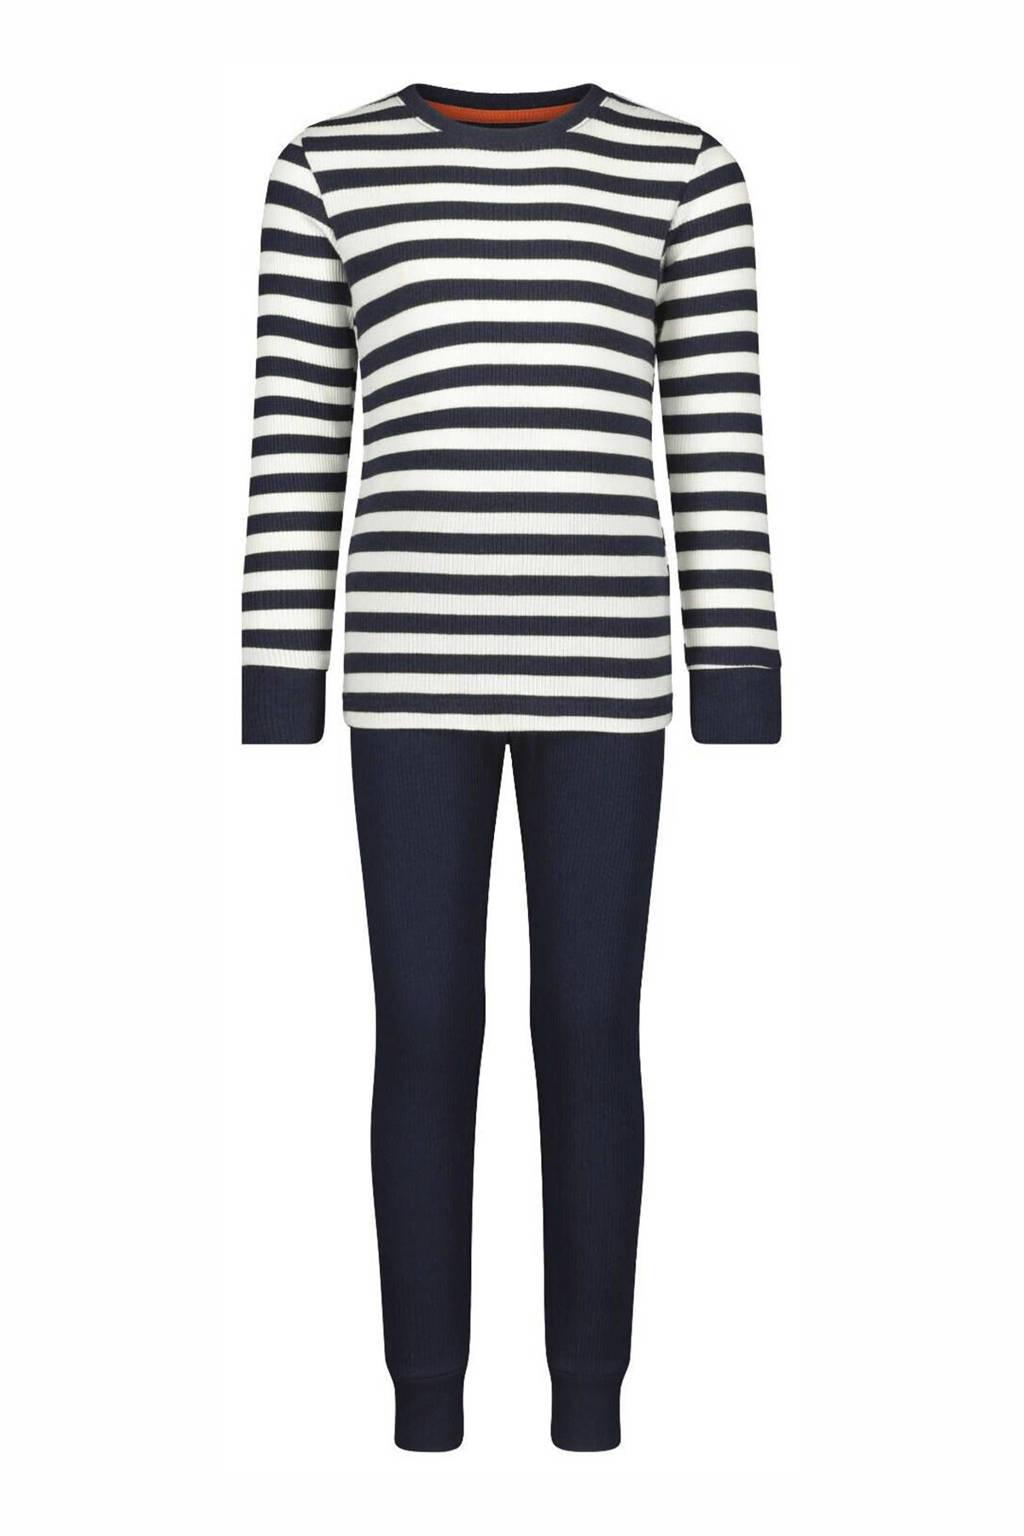 HEMA   pyjama streep donkerblauw/wit, Donkerblauw/wit